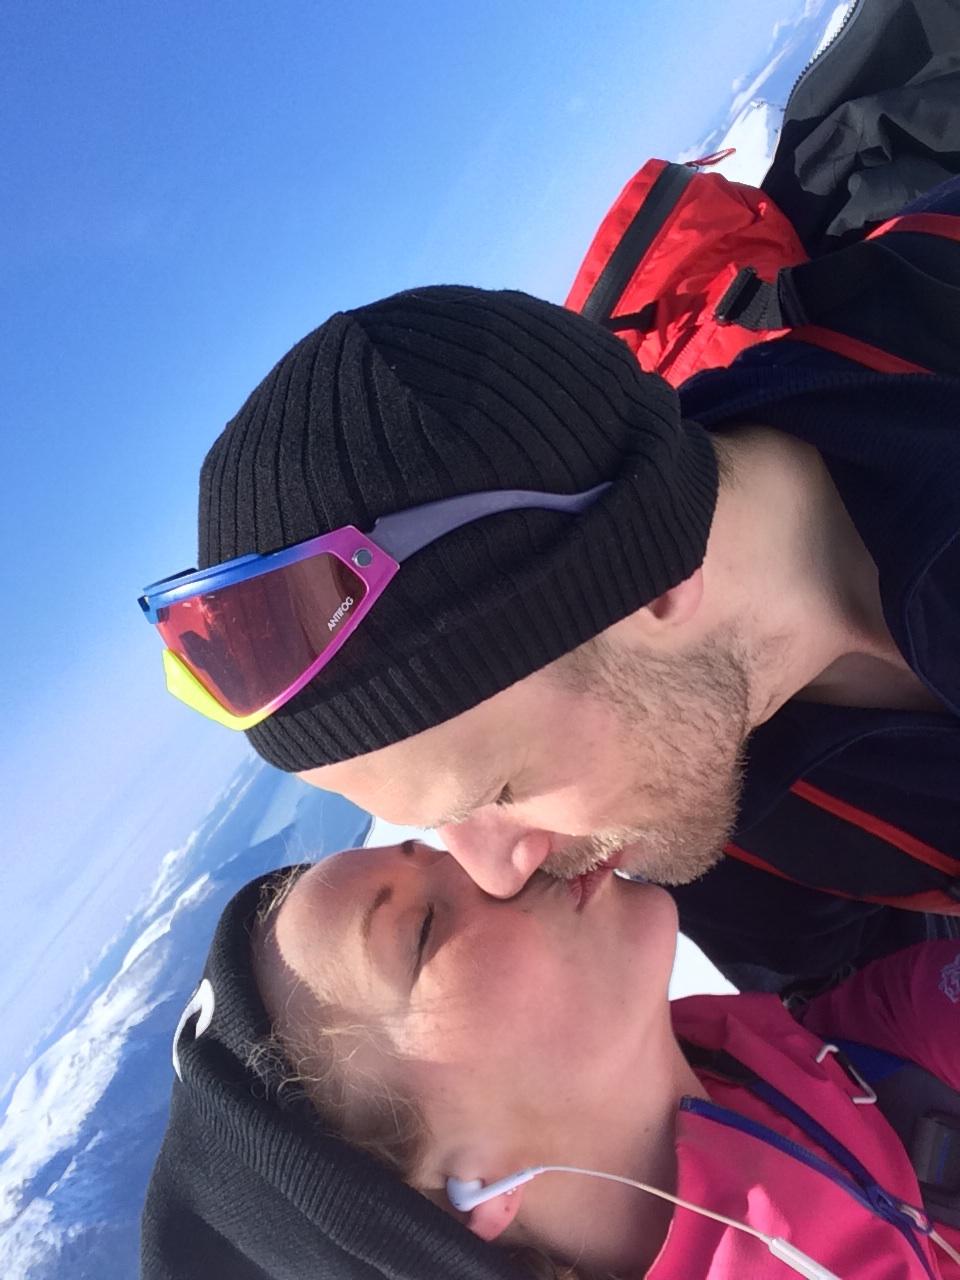 Kiss, kiss… Herifra kunne vi se toppen. Som av en grunn gidd litt ekstra energi